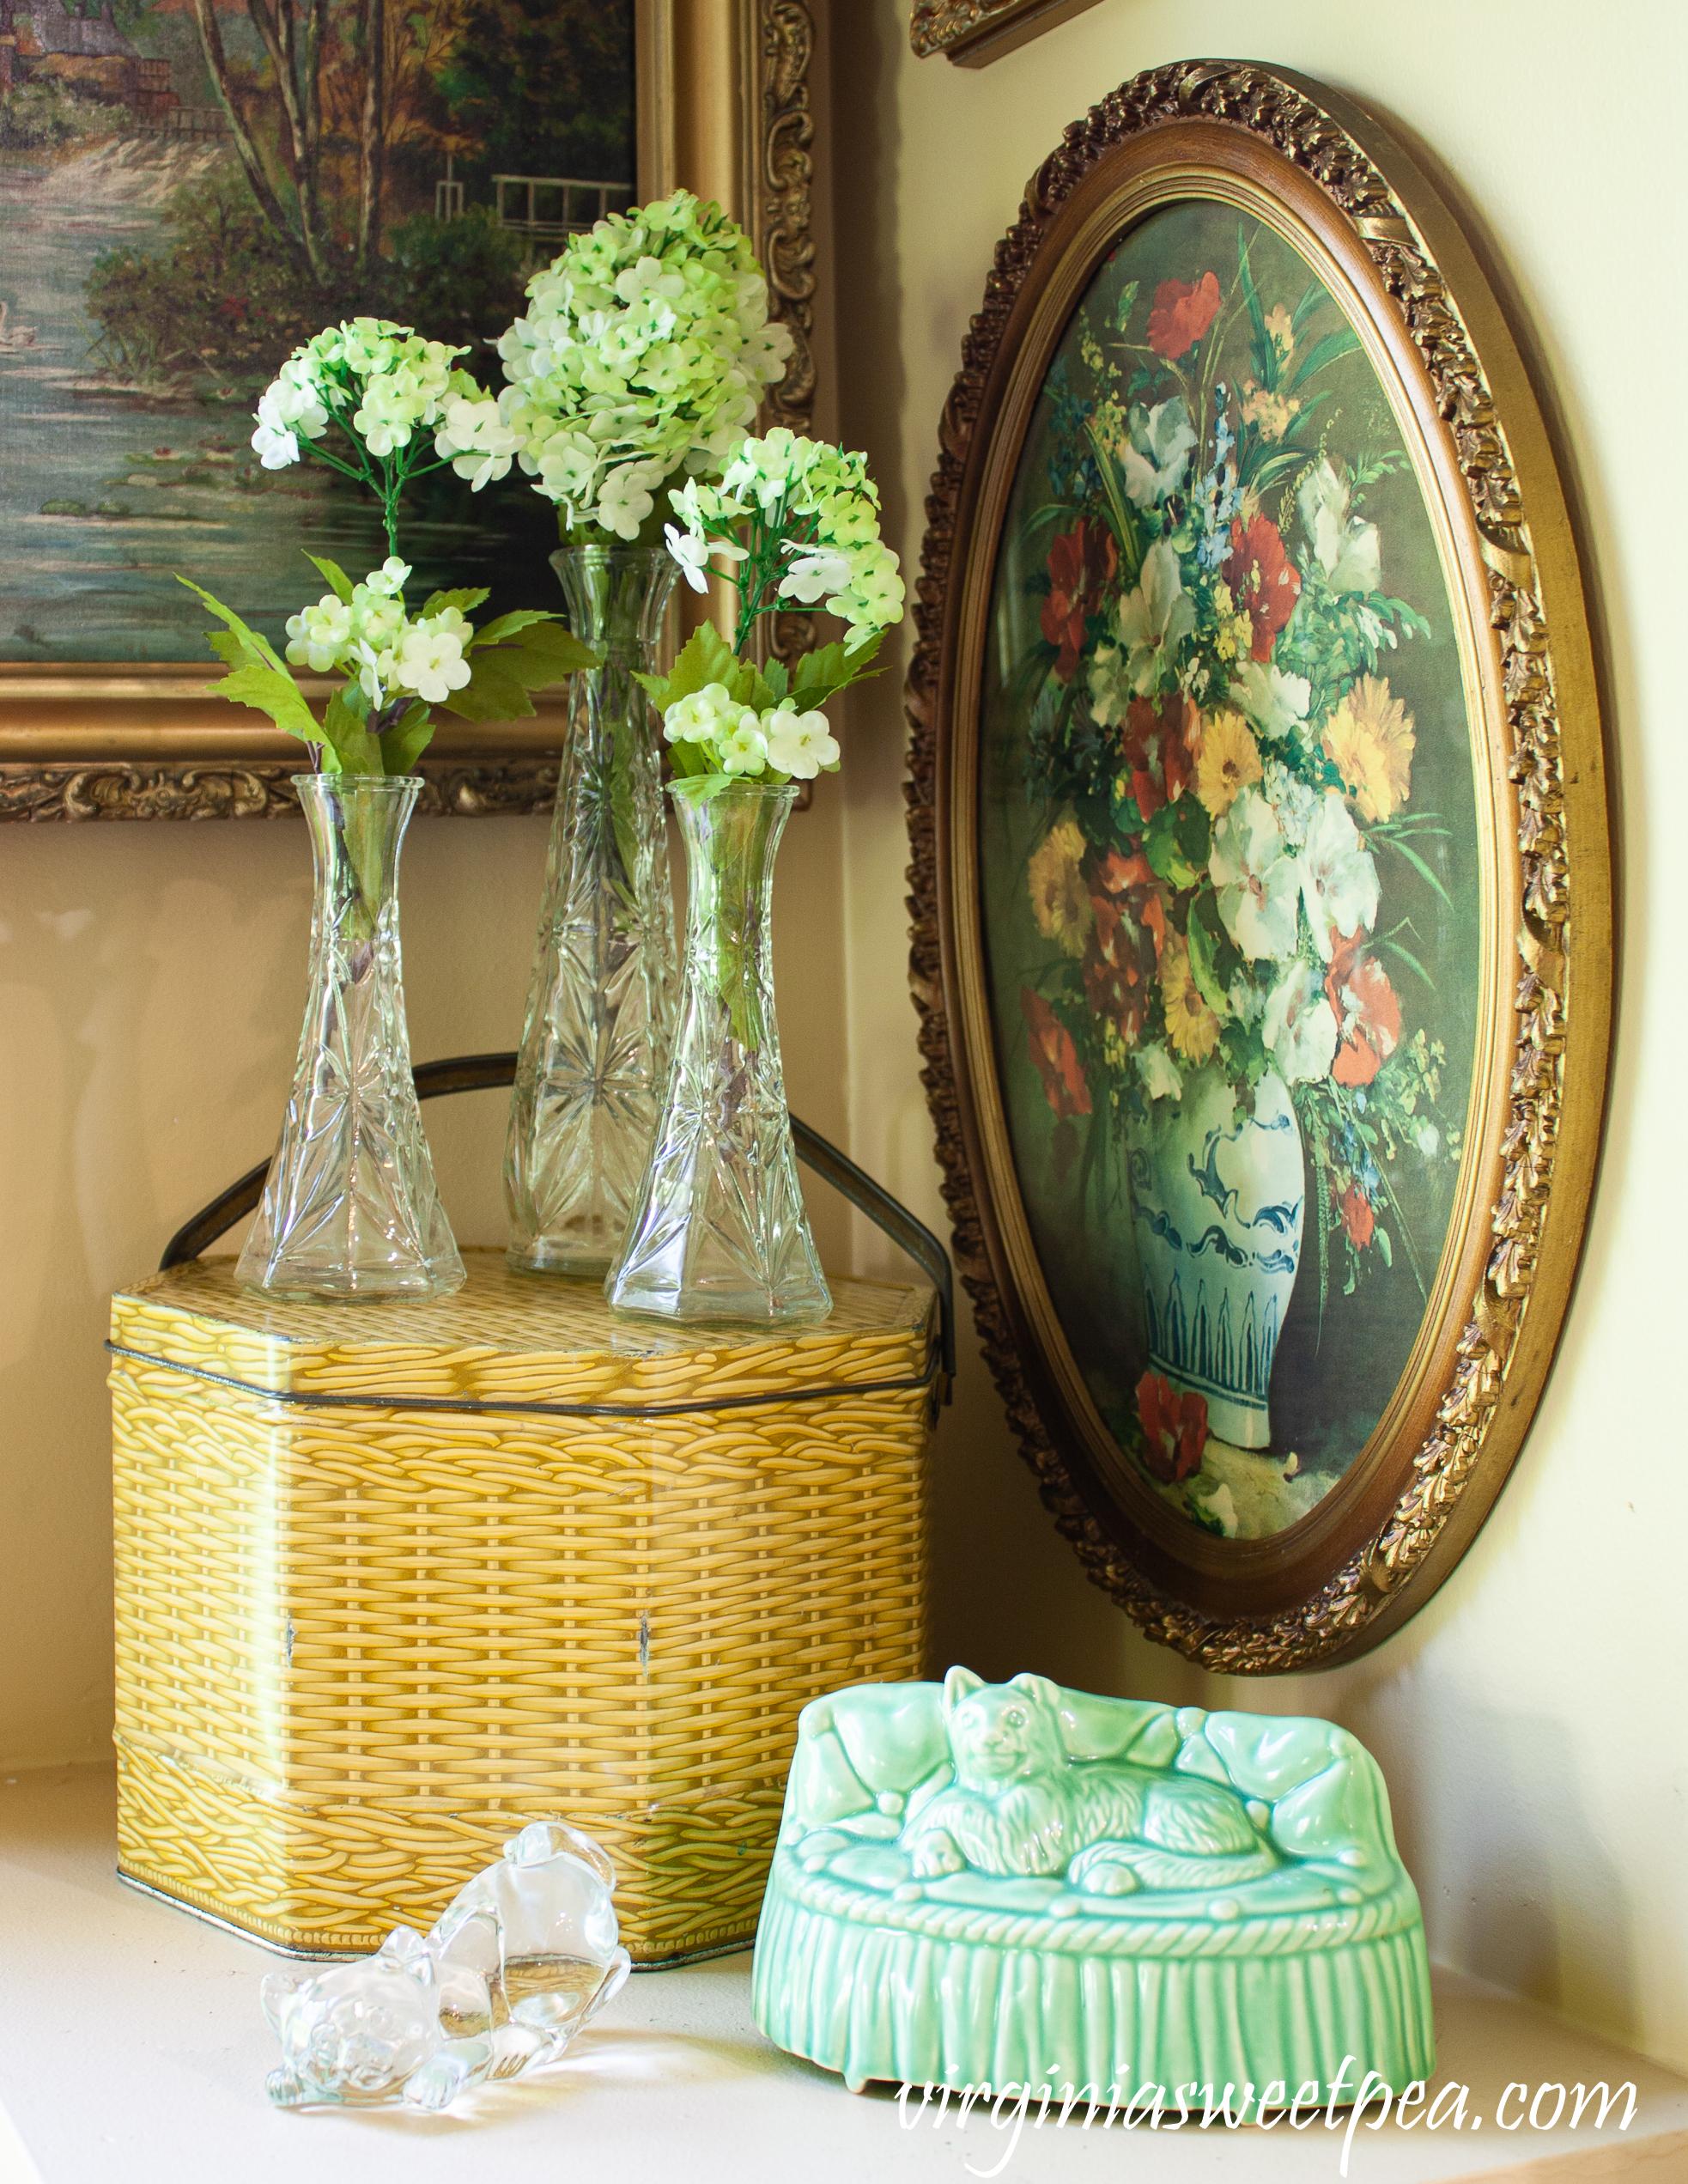 Vintage cat planter, glass cat, vintage basketweave pattern tin, flowers in vintage glass vases